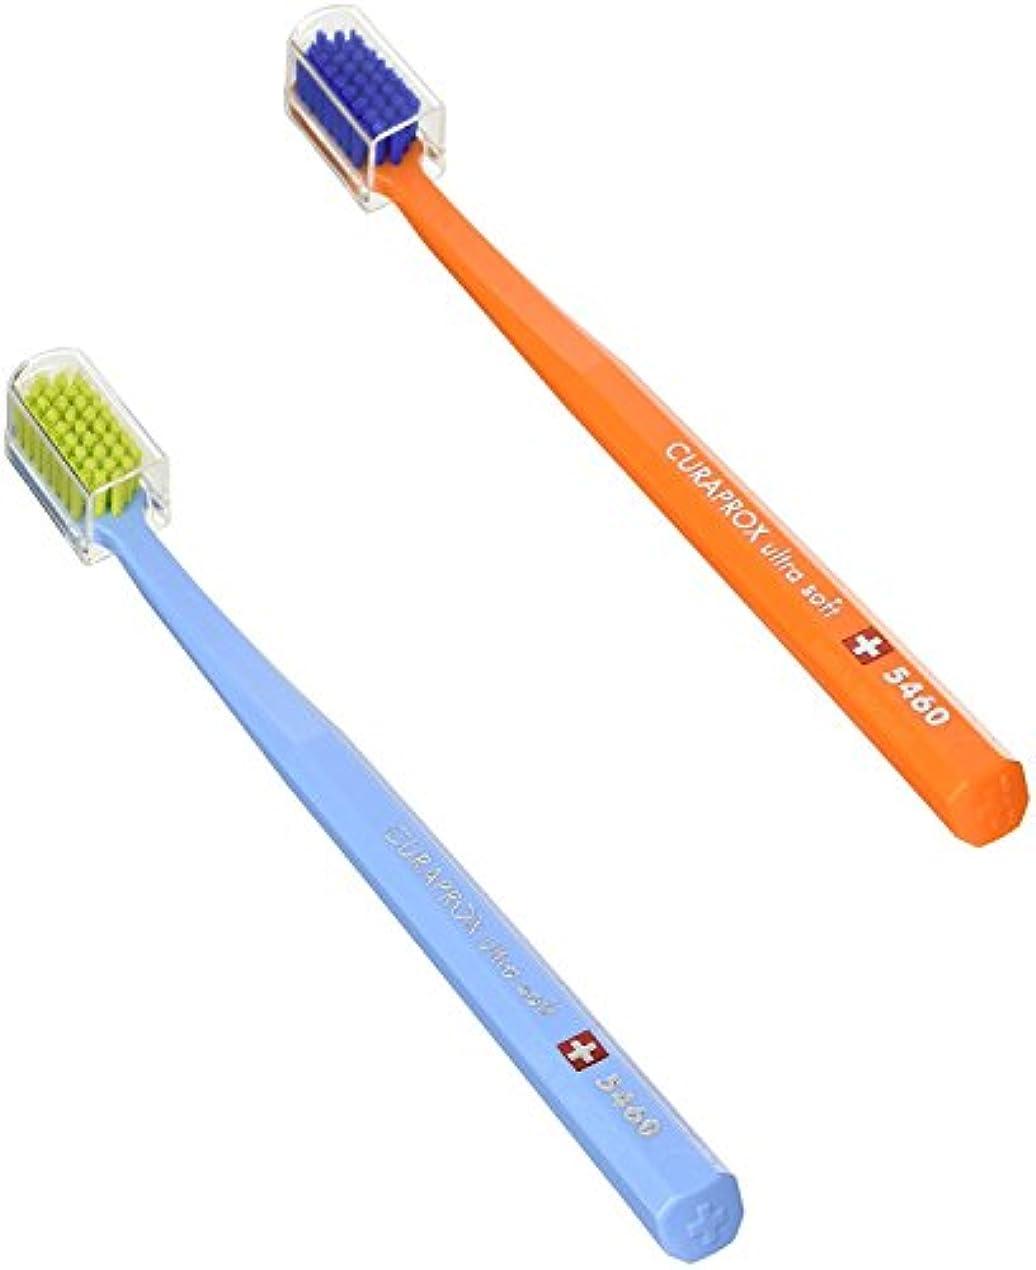 開発するマトリックス衣類キュラプロックス 5460ウルトラソフト歯ブラシ 2本